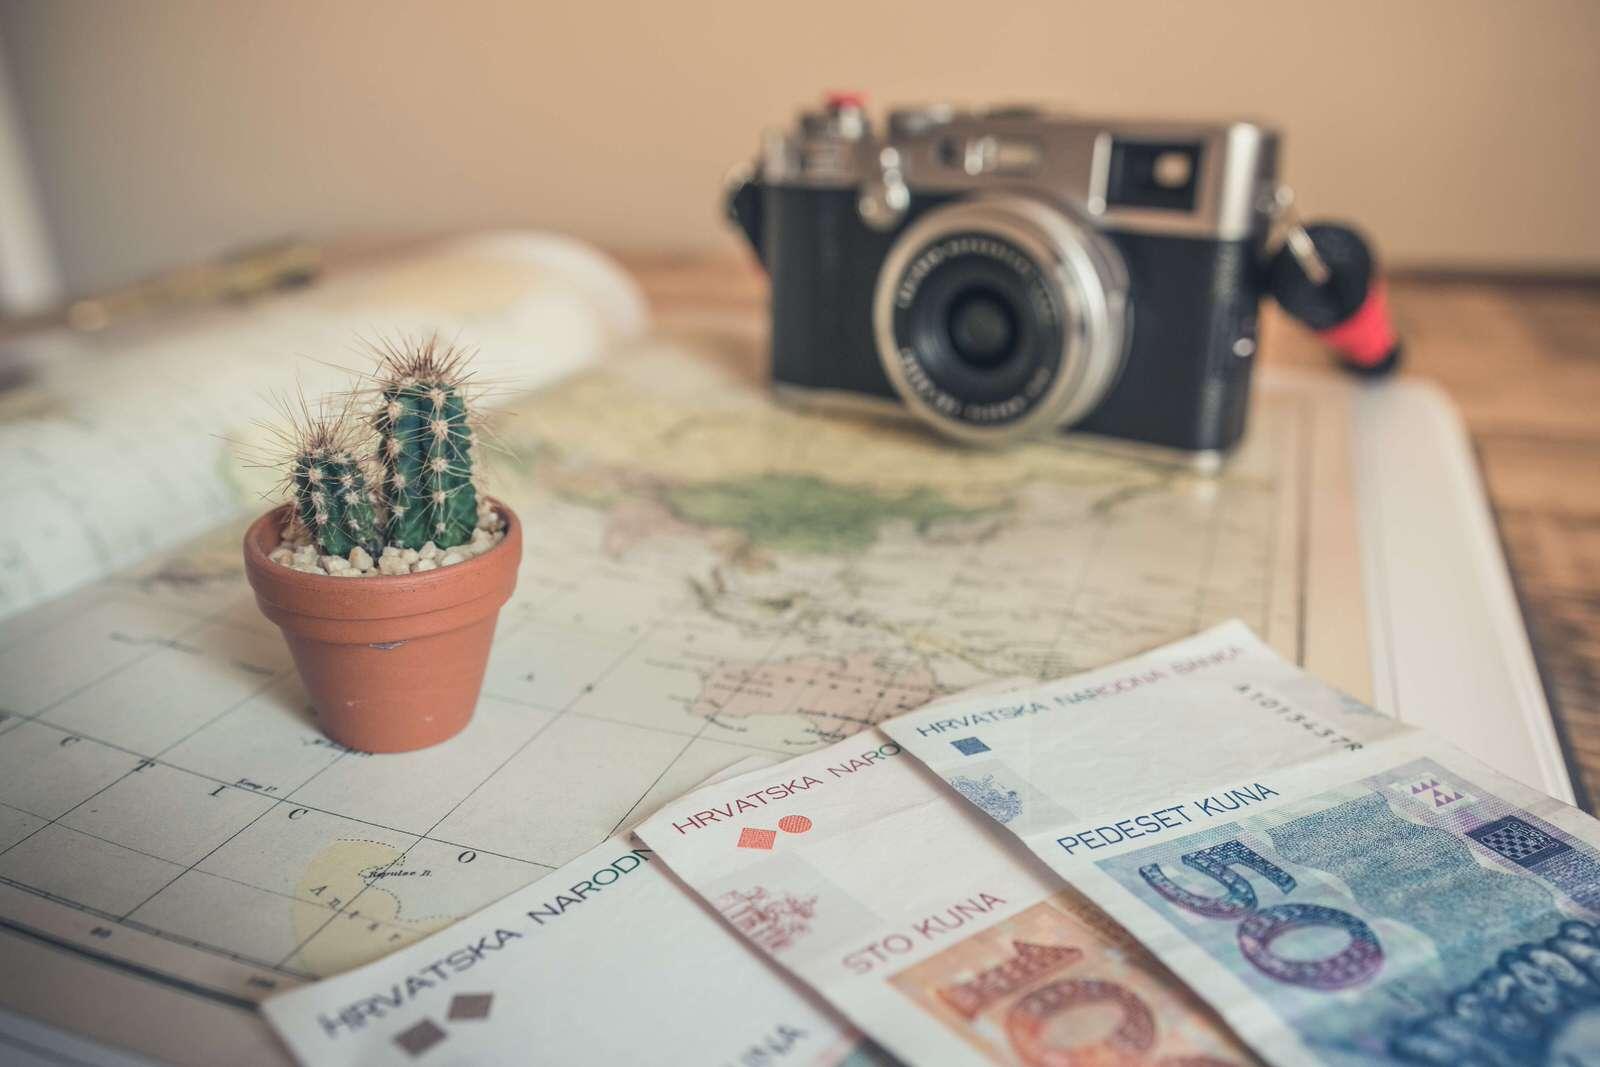 Обучение в Польше есть дешевле чем в Украине! - UniverPL